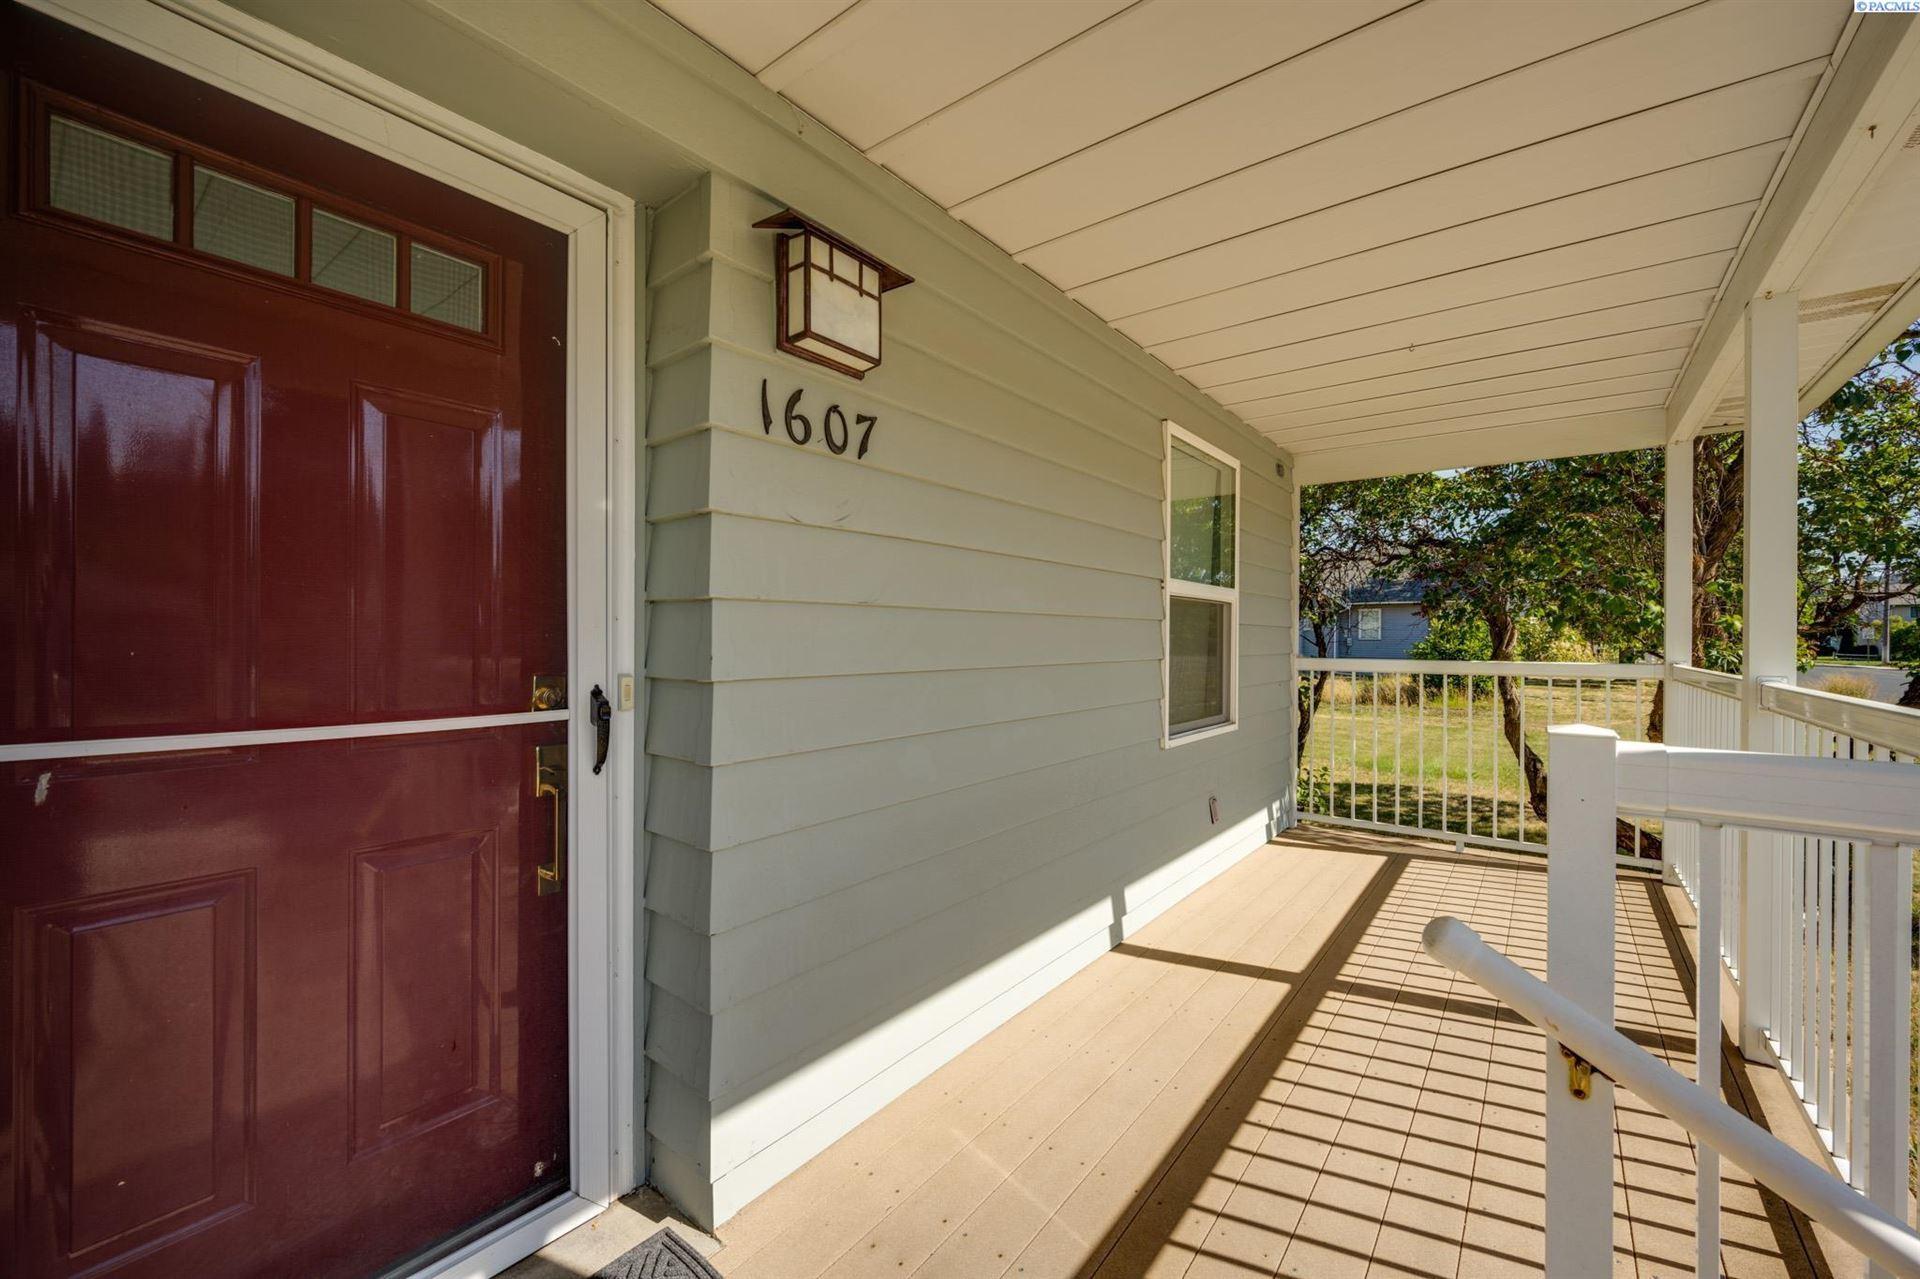 Photo of 1607 N Cedar St, Colfax, WA 99111 (MLS # 256327)